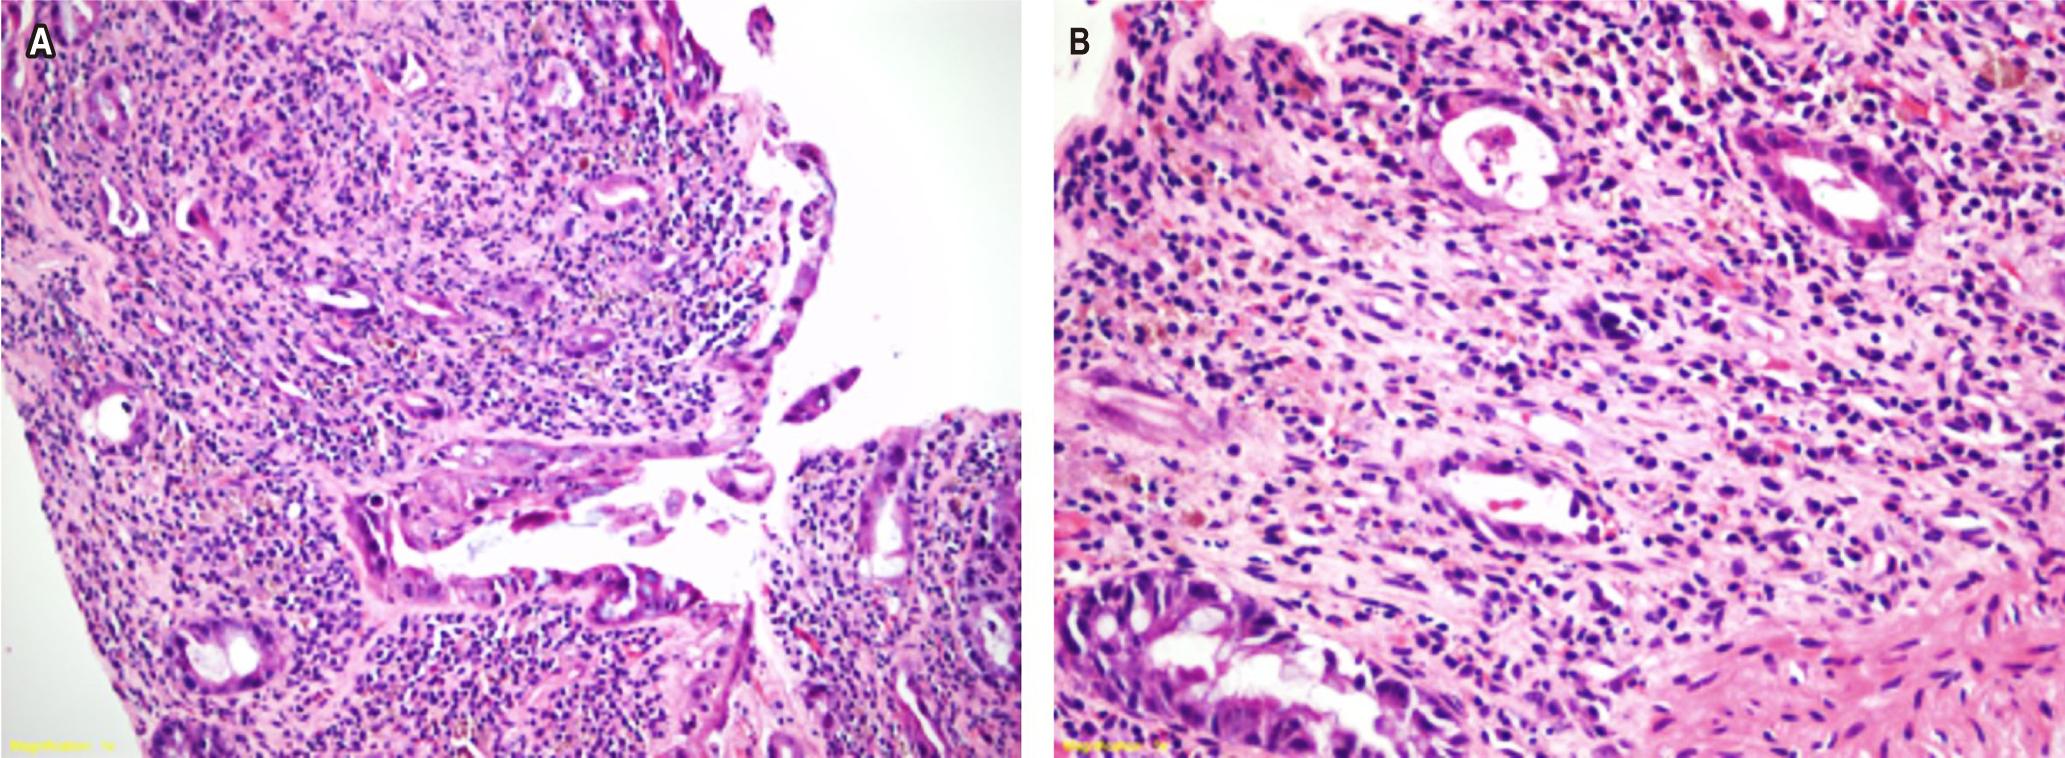 Figura 1. A. HE 4 X, pérdida y miniaturización de glándulas. B. HE 40 X, nucleomegalia con citomegalia.